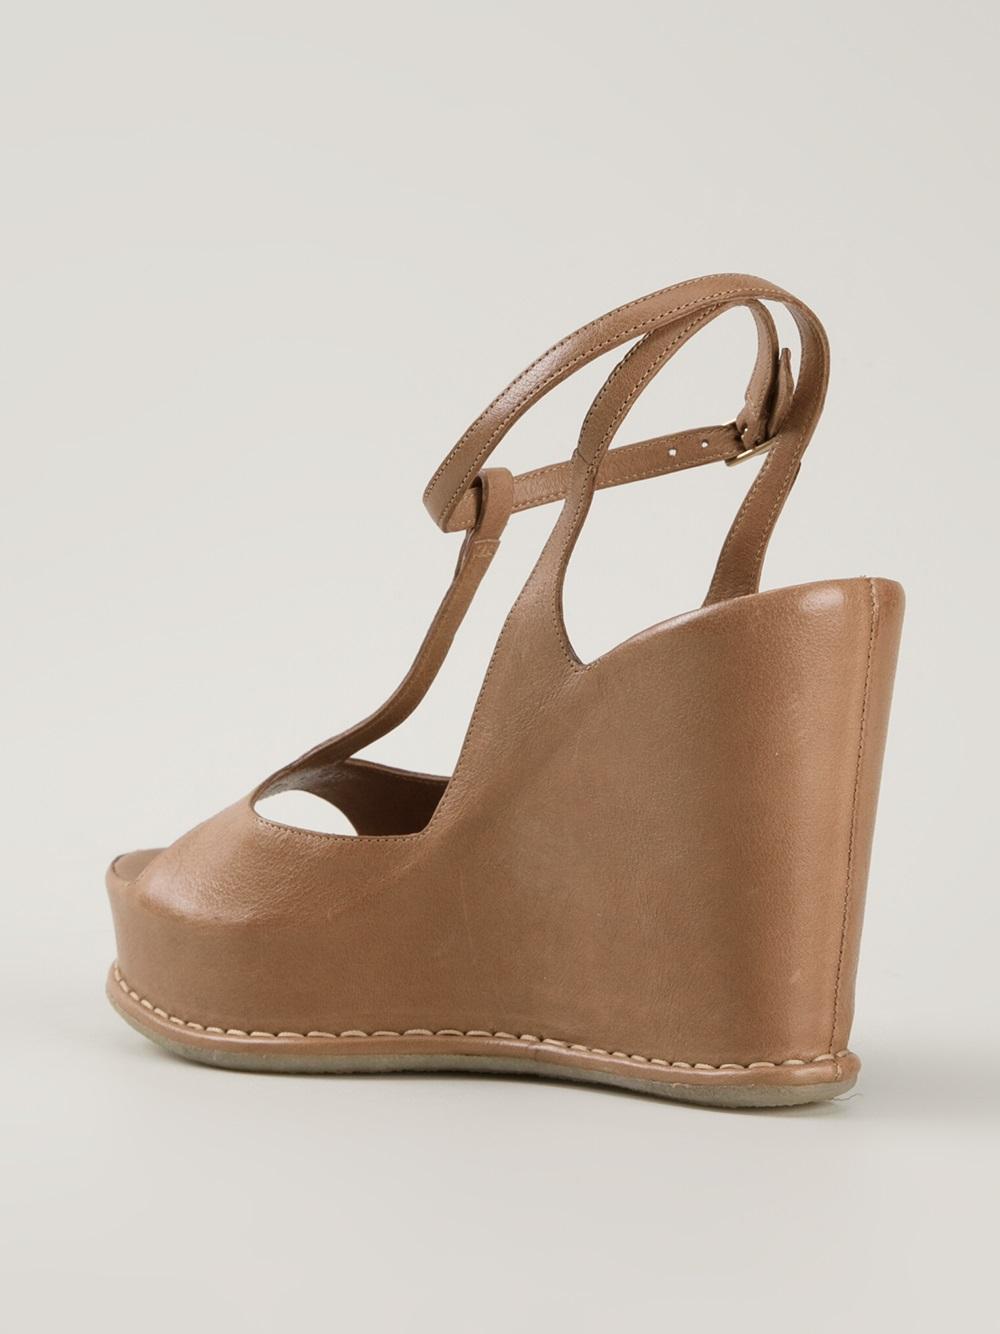 Brown Wedge Heel Sandals